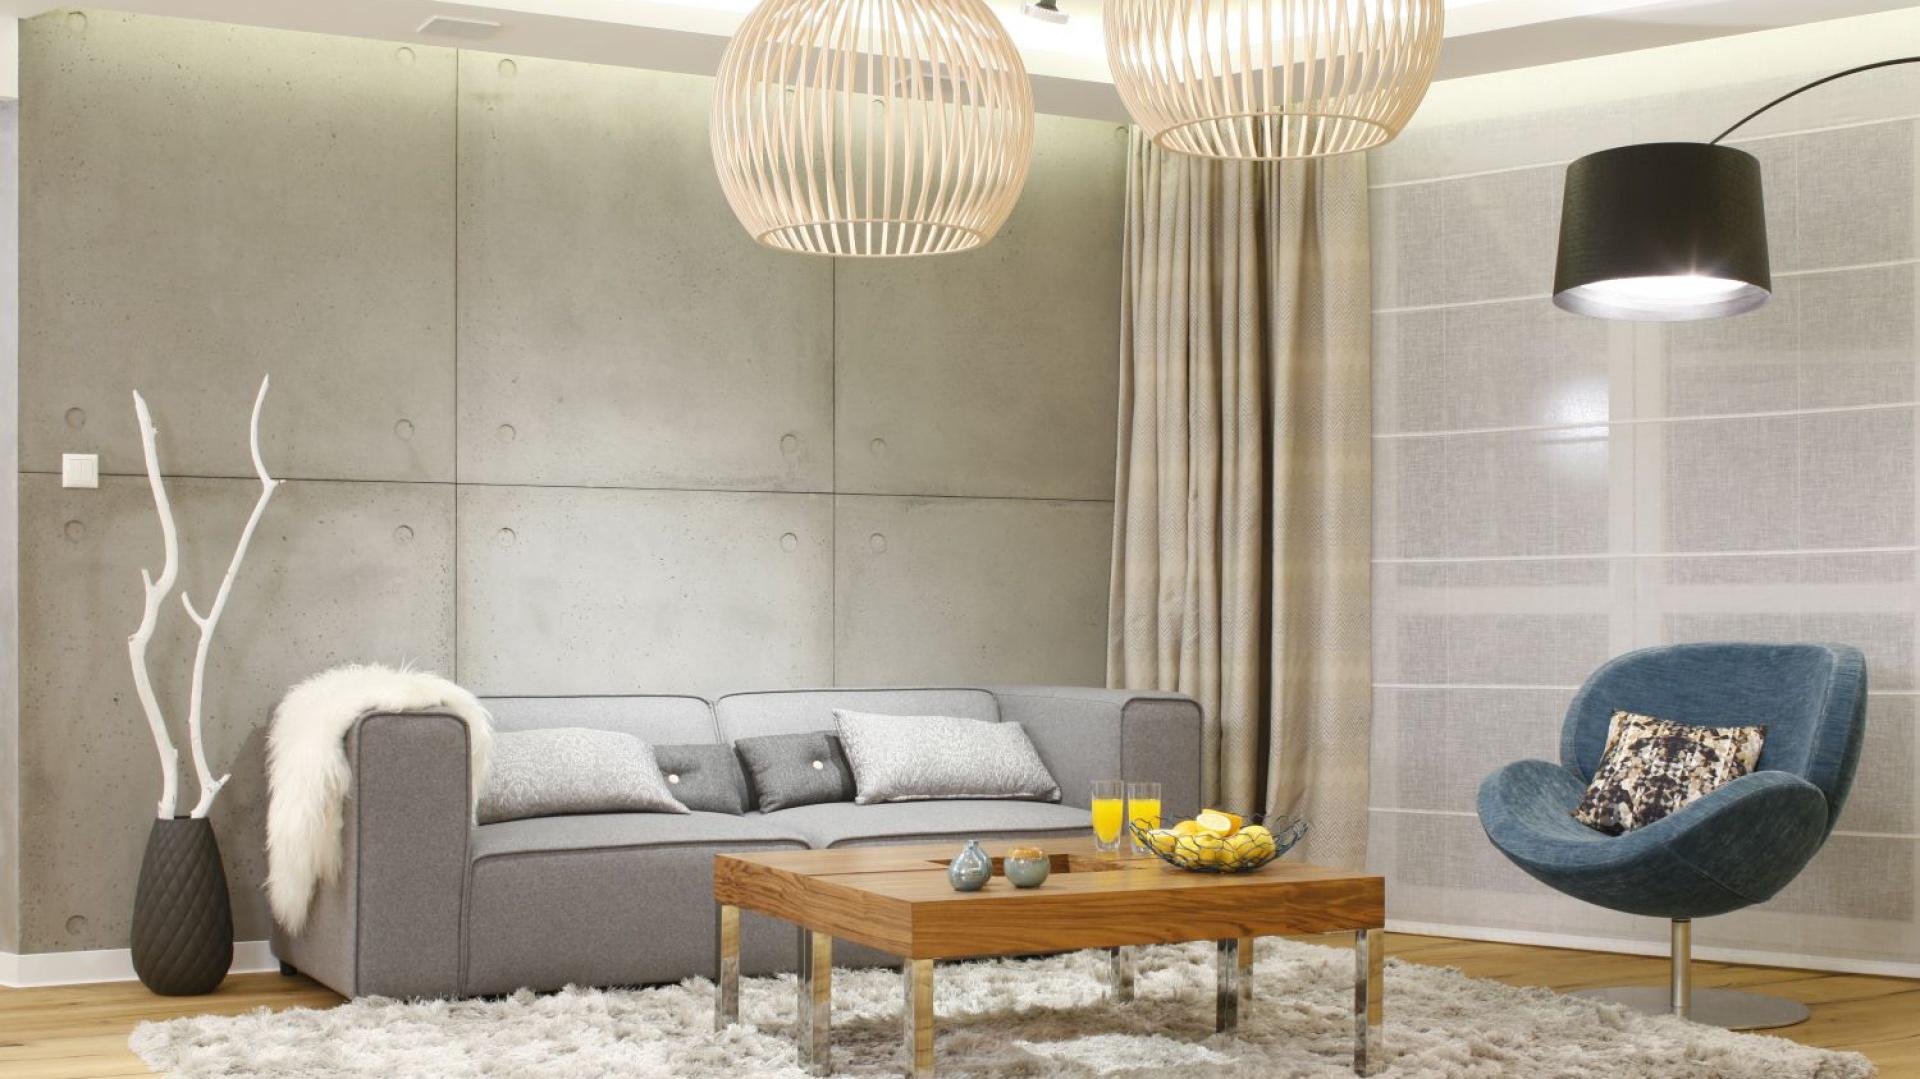 W nowoczesnym wnętrzu wnętrzu betonowa ściana podkreśla charakter aranżacji. Projekt: Agnieszka Hajdas-Obajtek. Fot. Bartosz Jarosz.